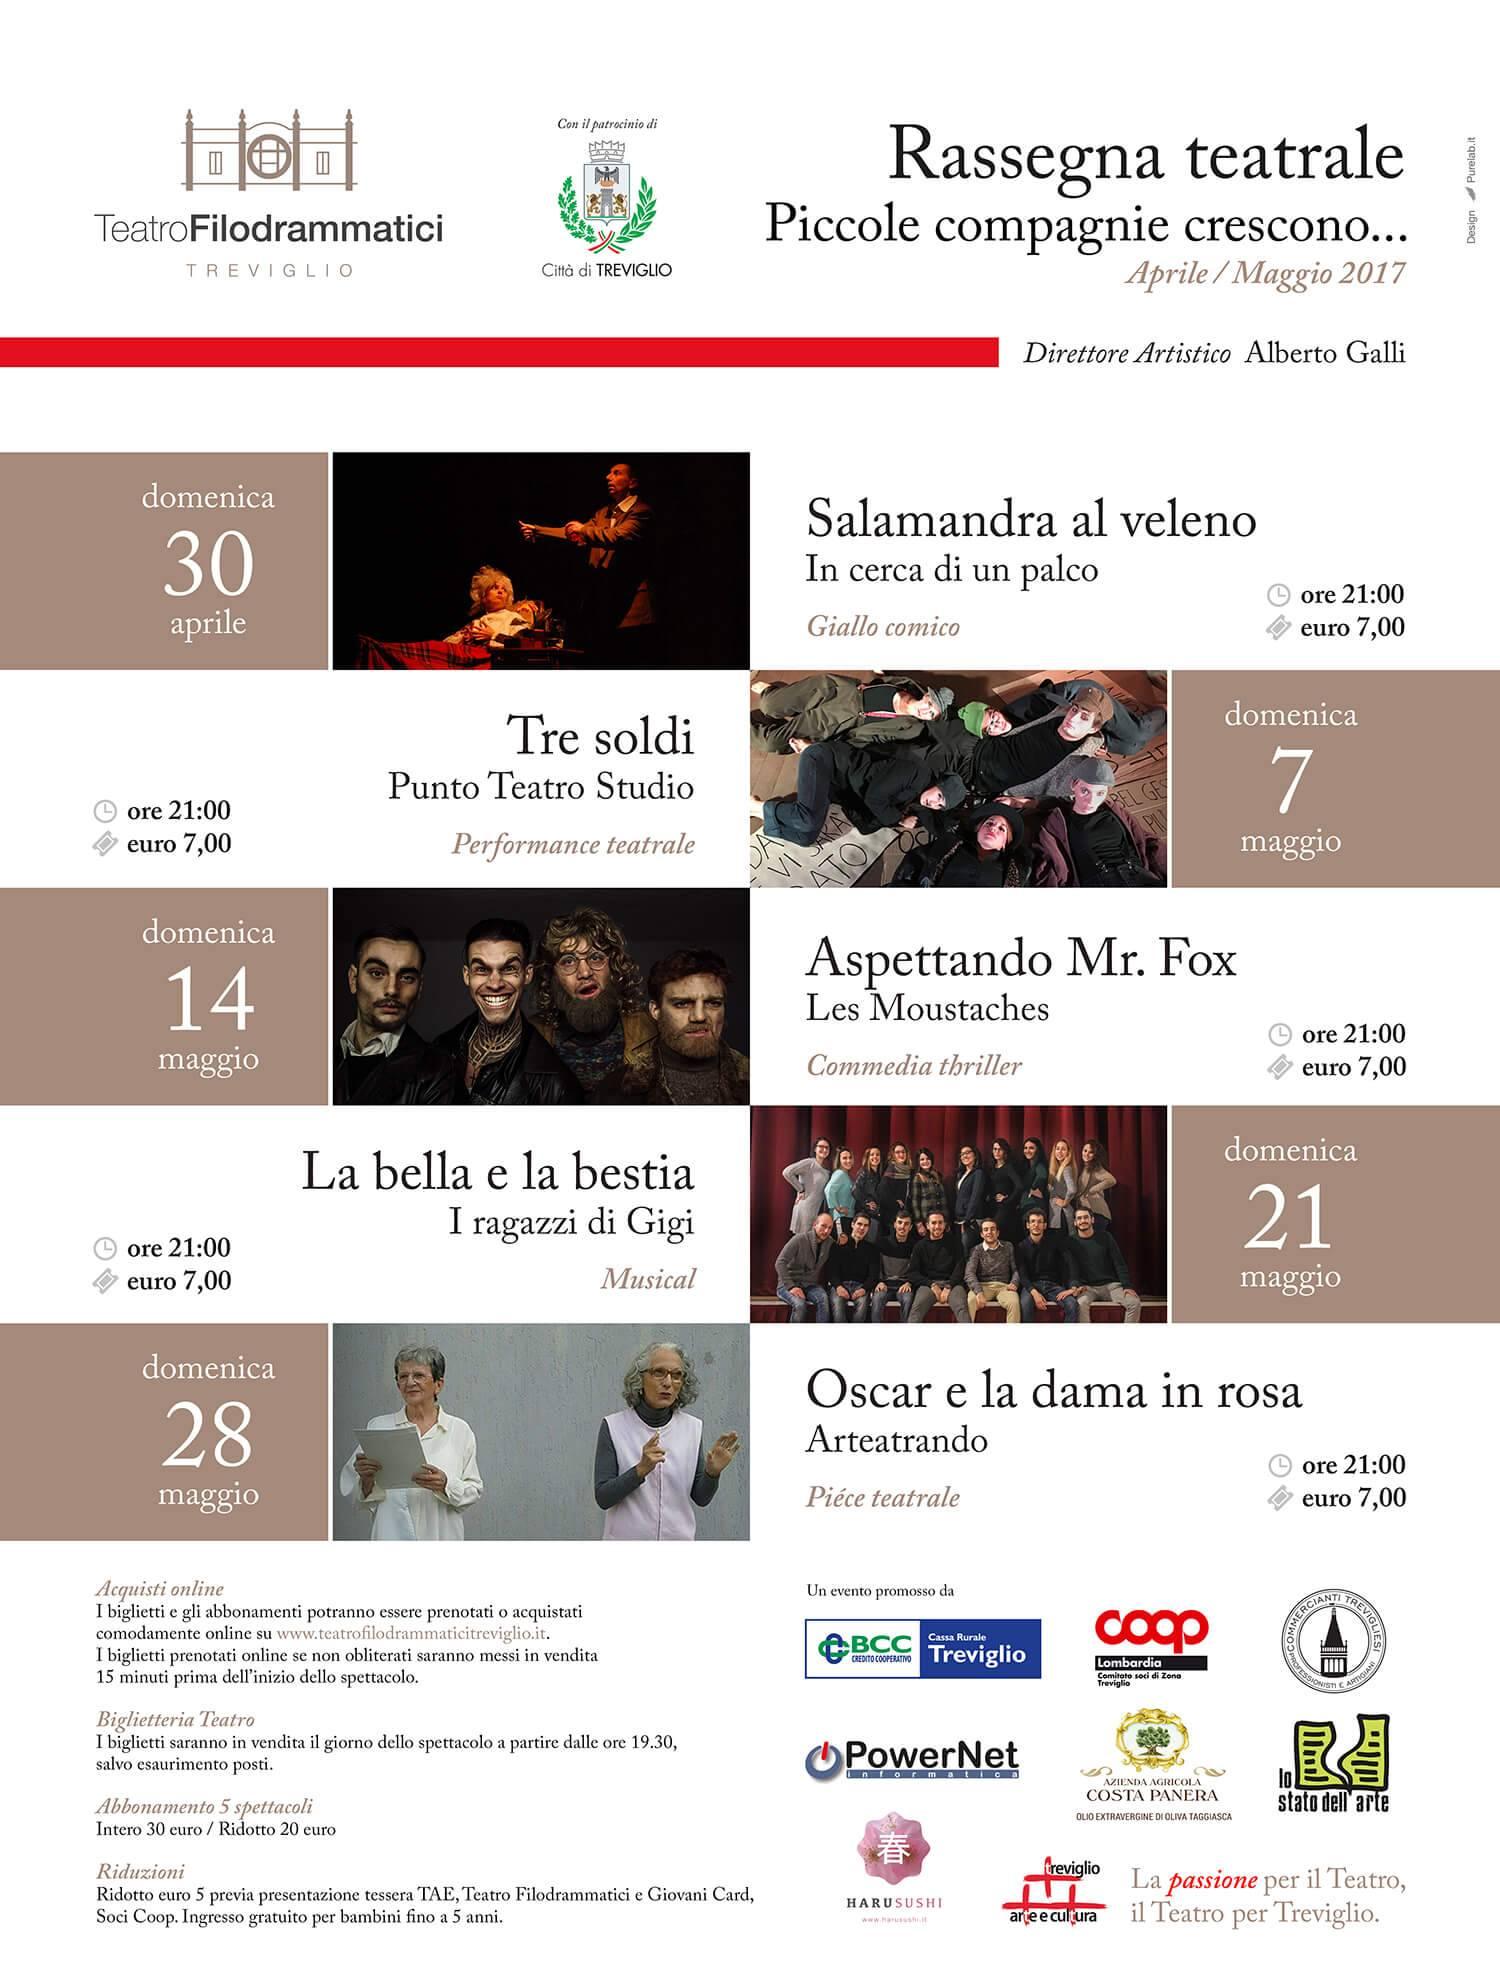 tft_rassegna_teatrale_piccole_compagnie_crescono